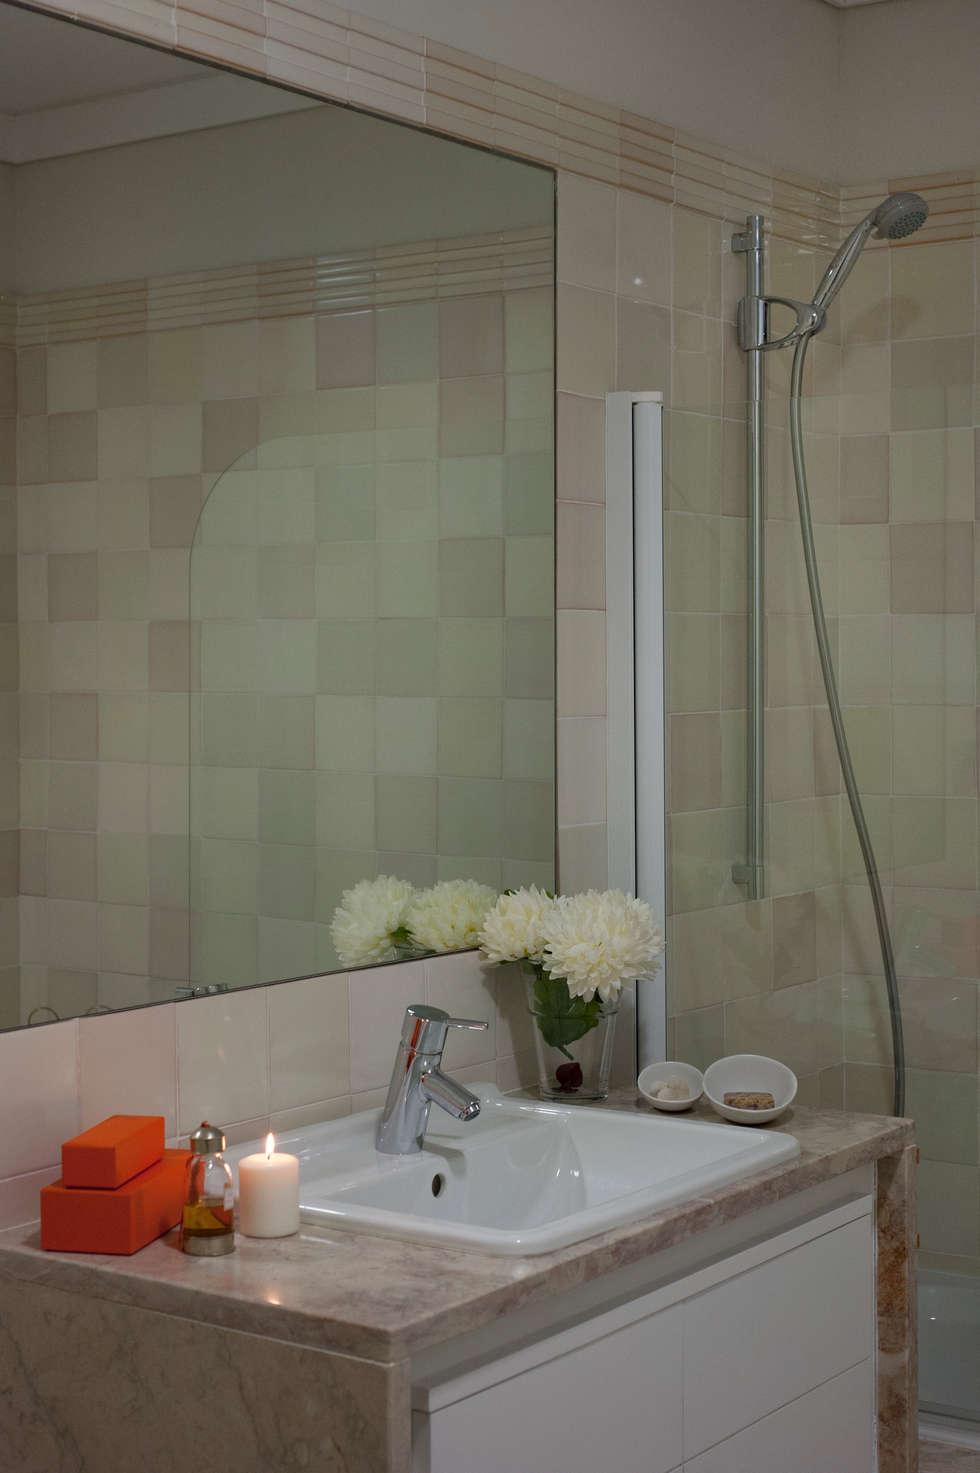 Casa de banho: Casas de banho modernas por Home Staging Factory